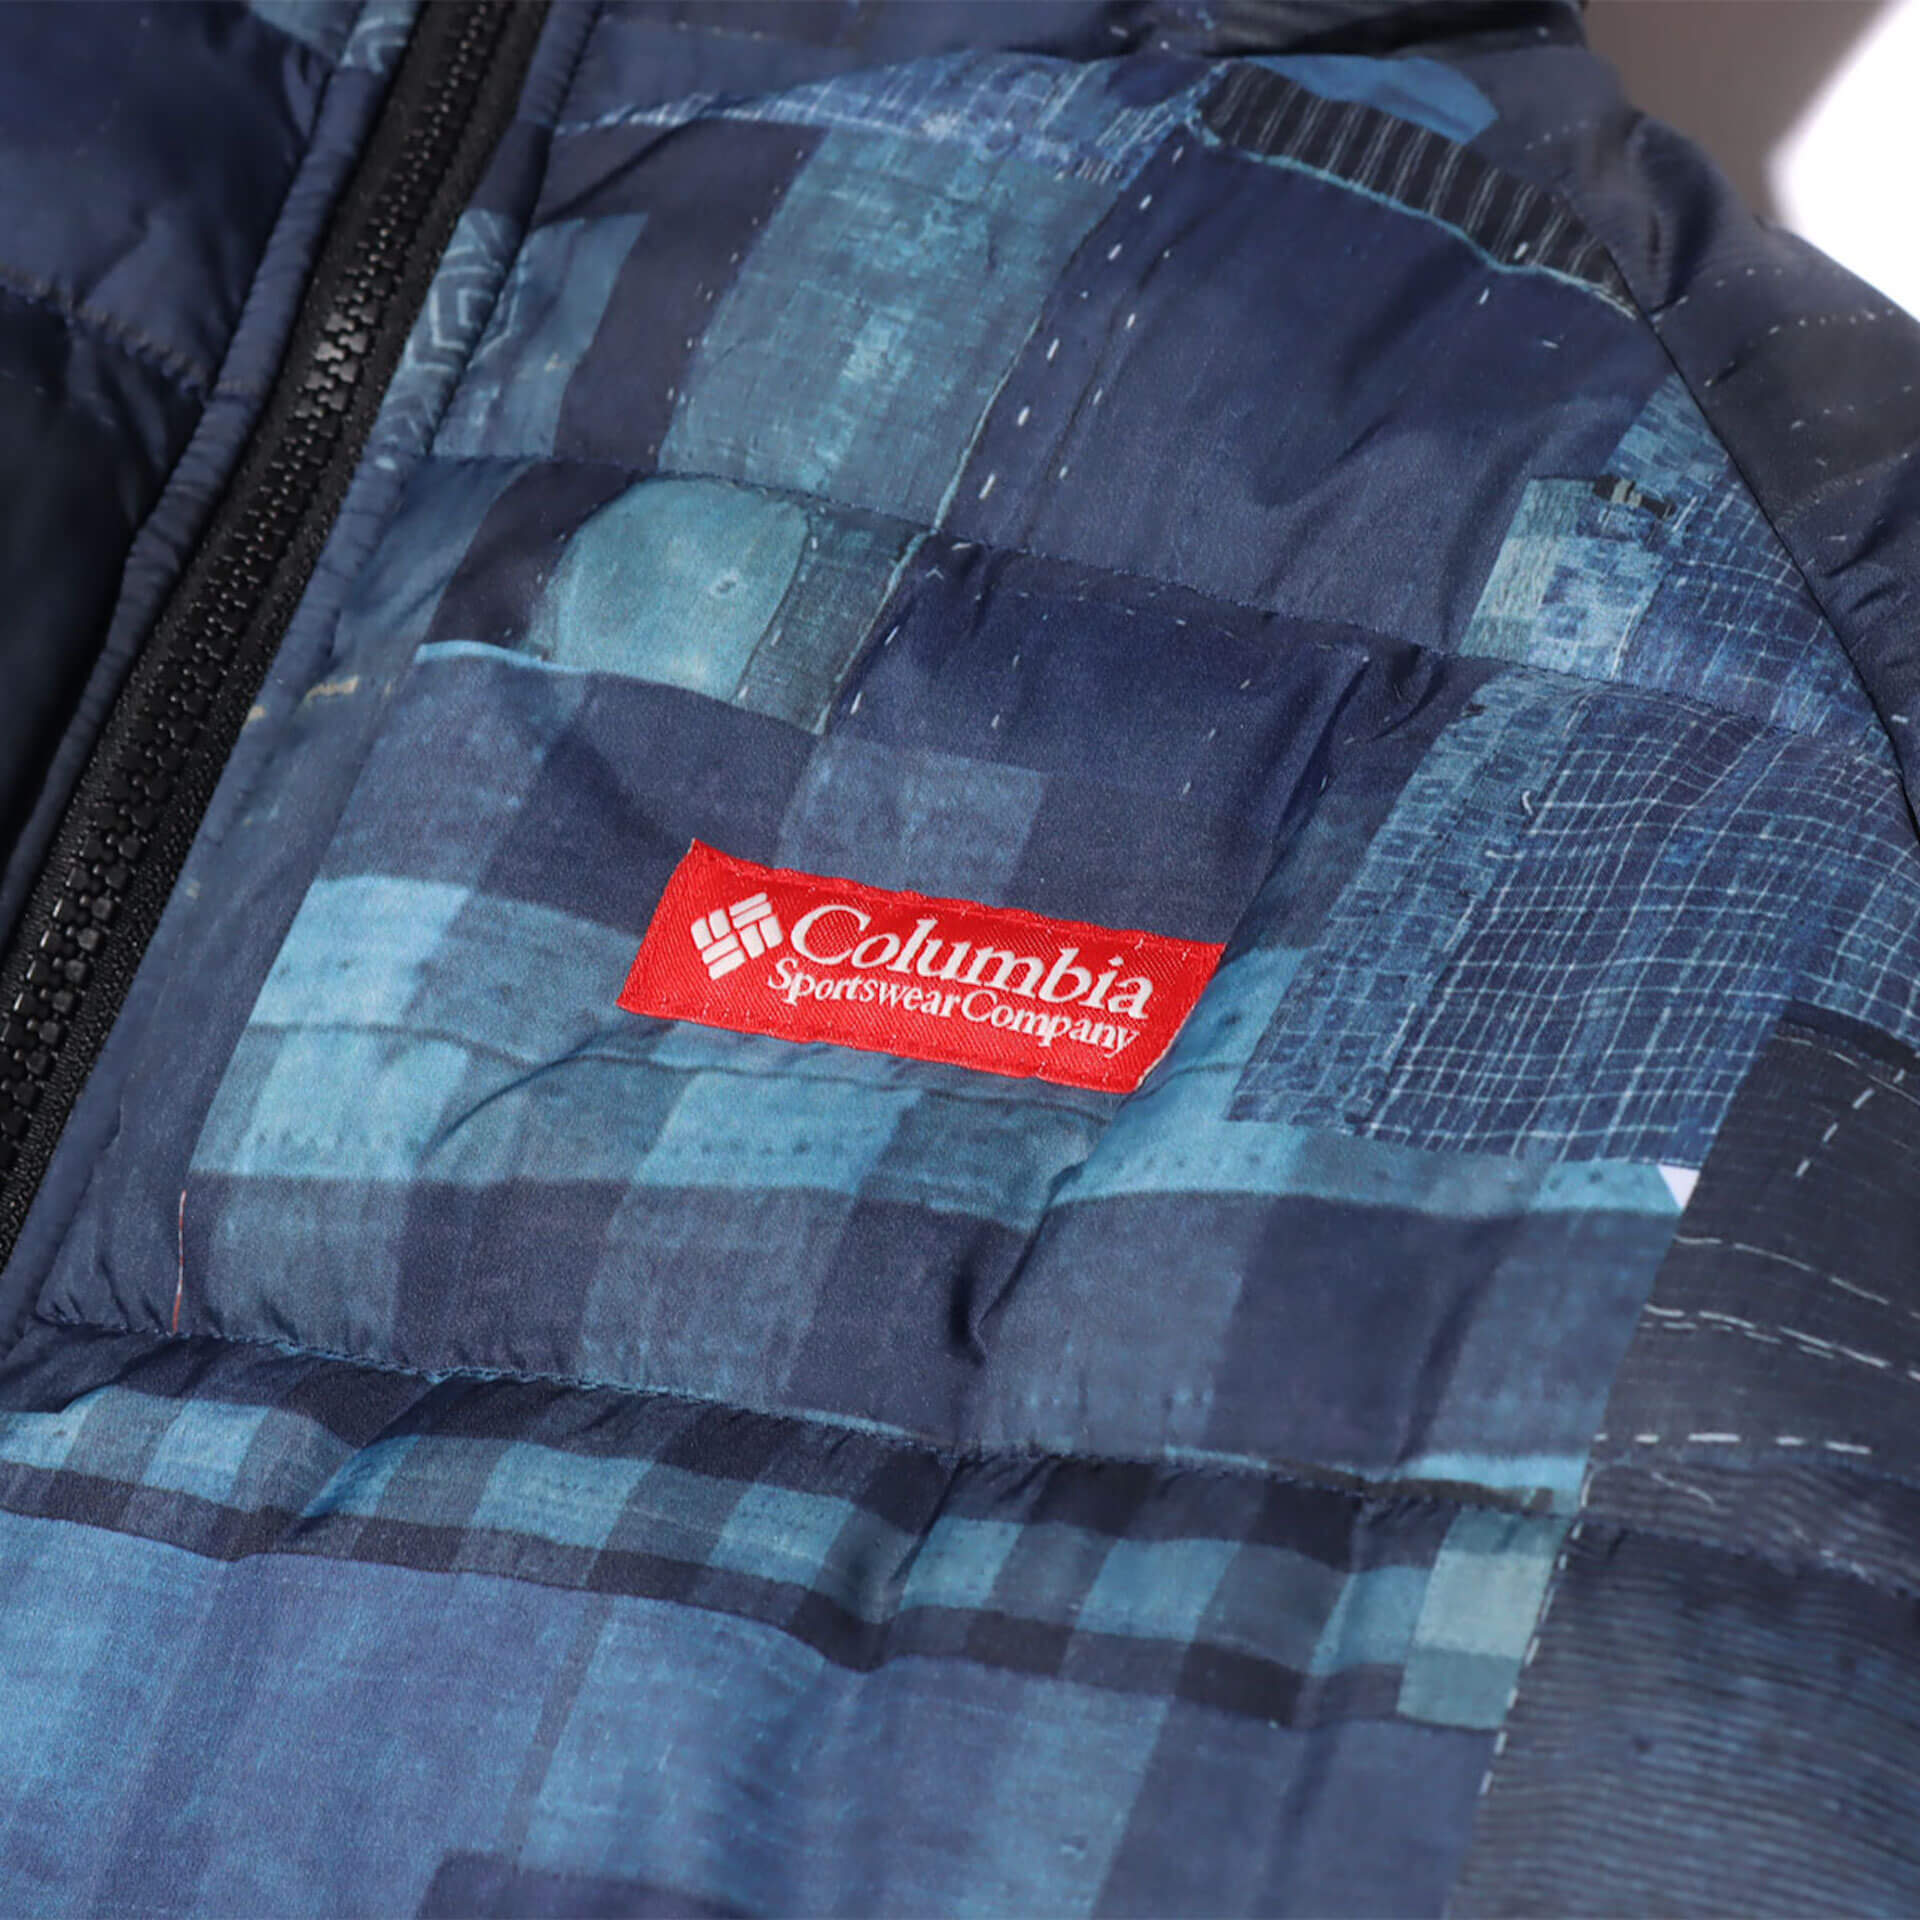 Columbiaとatmosによるコラボプロダクトが発売決定!ジャパンヴィンテージをアレンジしたBORO柄のアイテム3型が登場 life201005_columbia_atmos_15